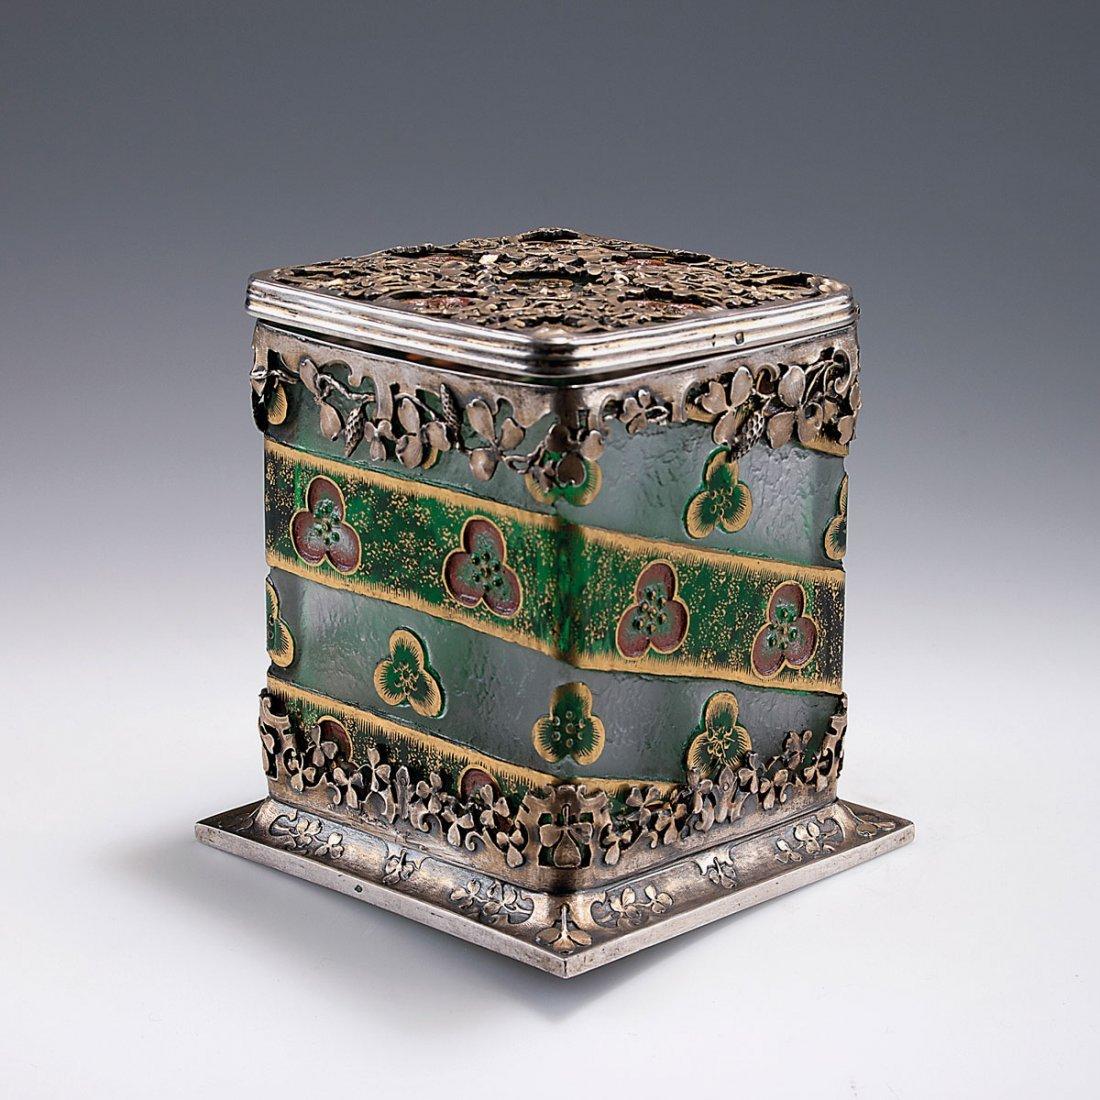 'Rosaces' lidded vase, c1893